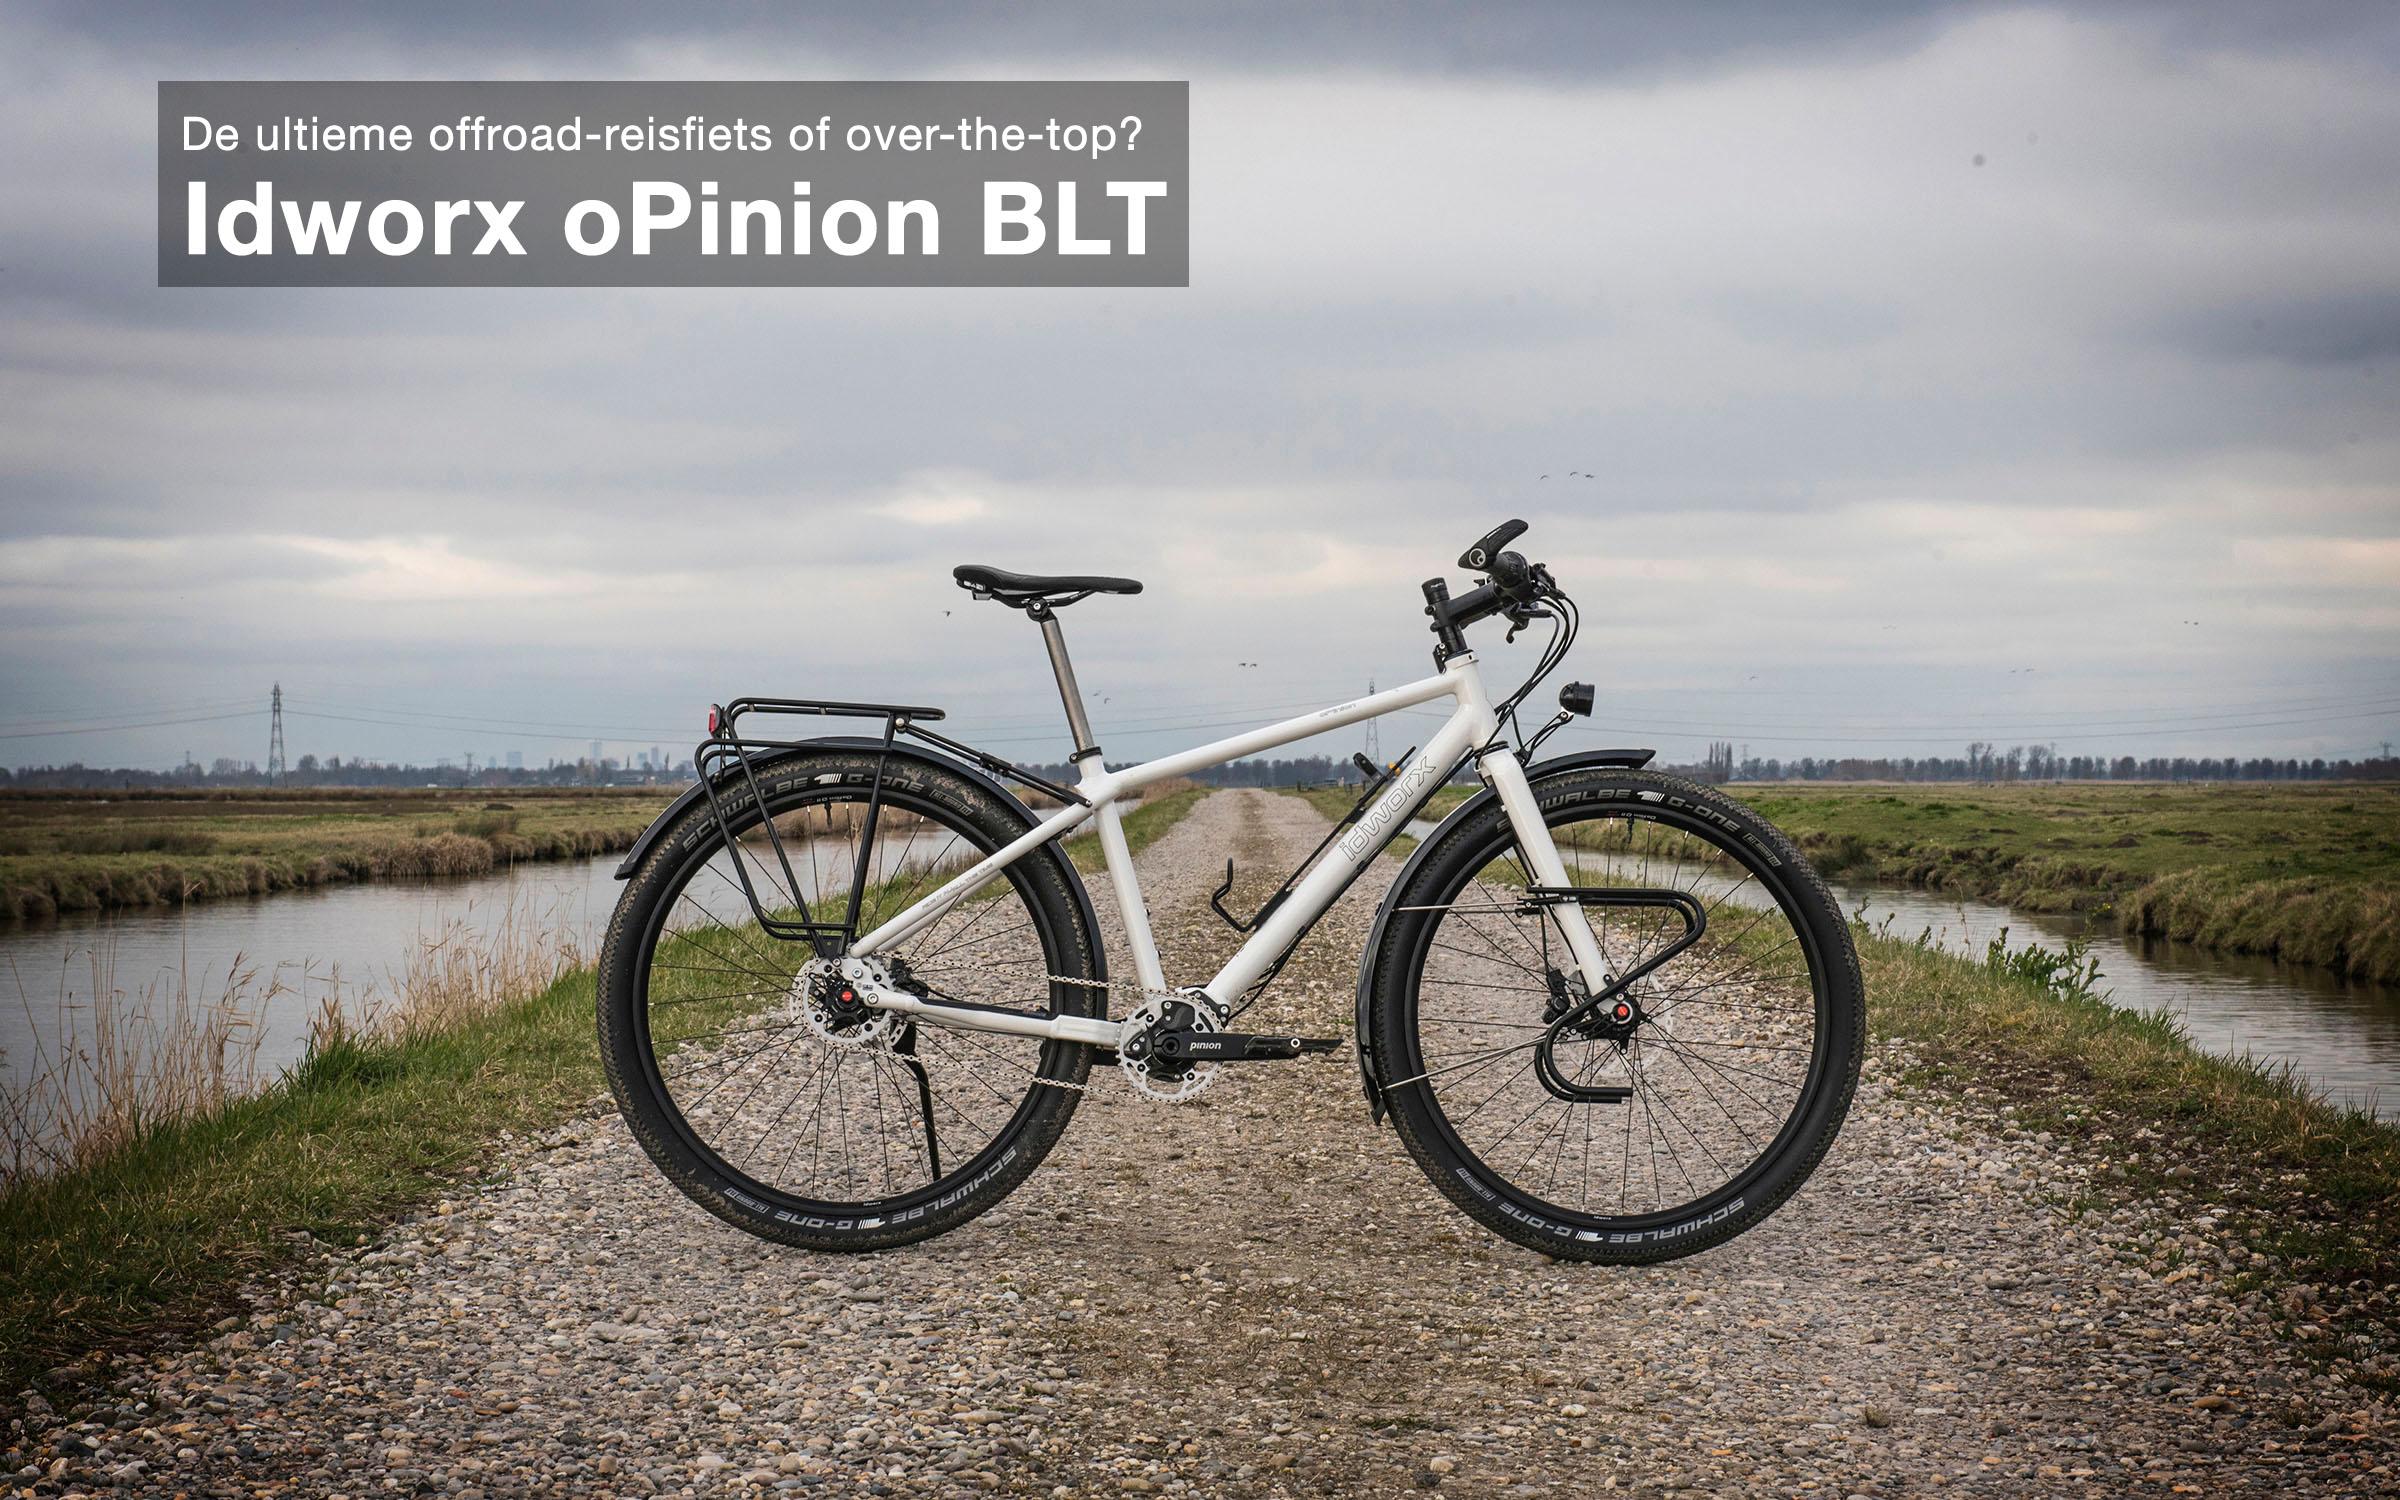 test Idworx Opinion BLT